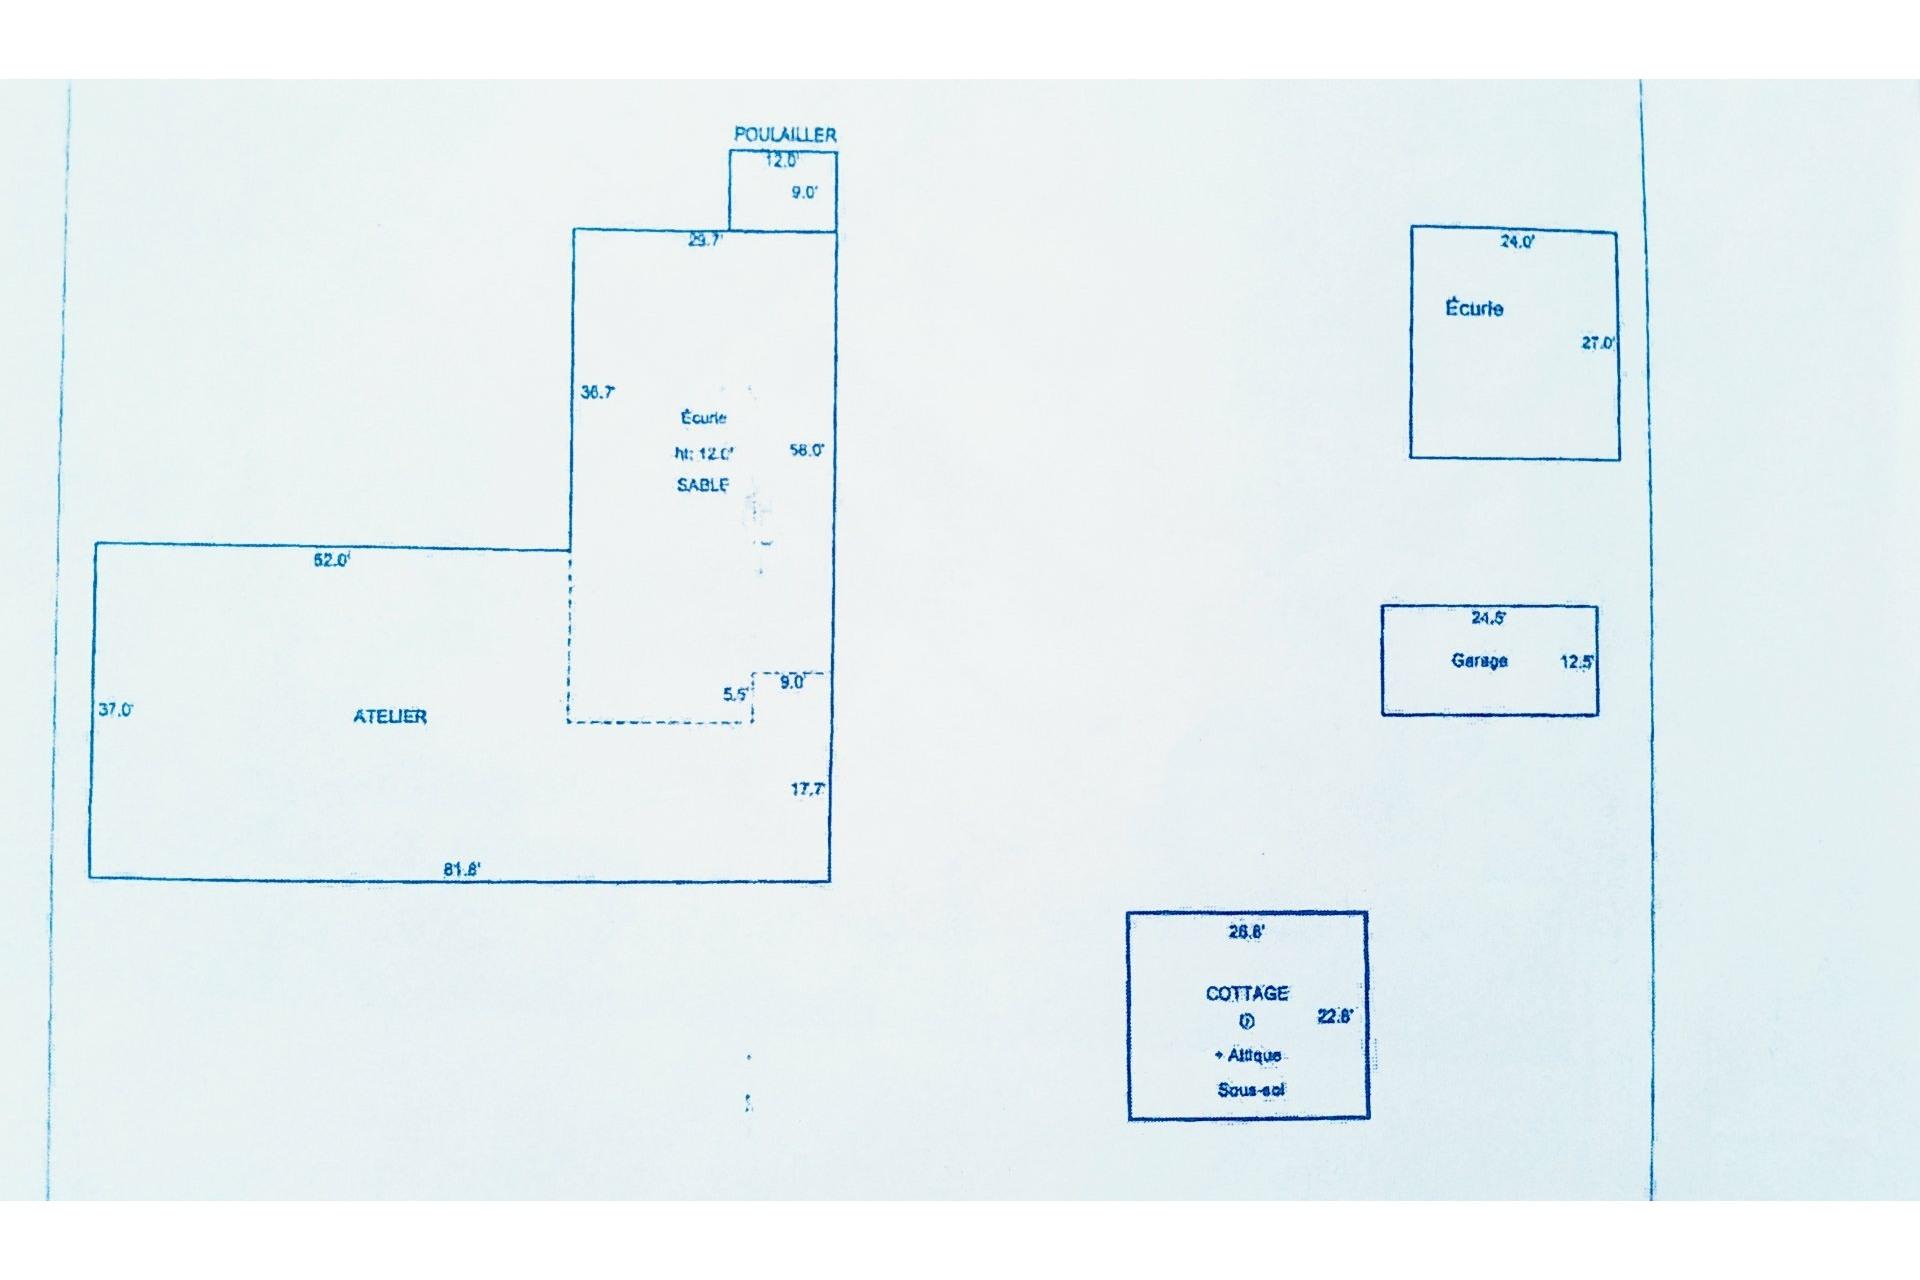 image 17 - Farmhouse For sale Notre-Dame-du-Bon-Conseil - Paroisse - 5 rooms